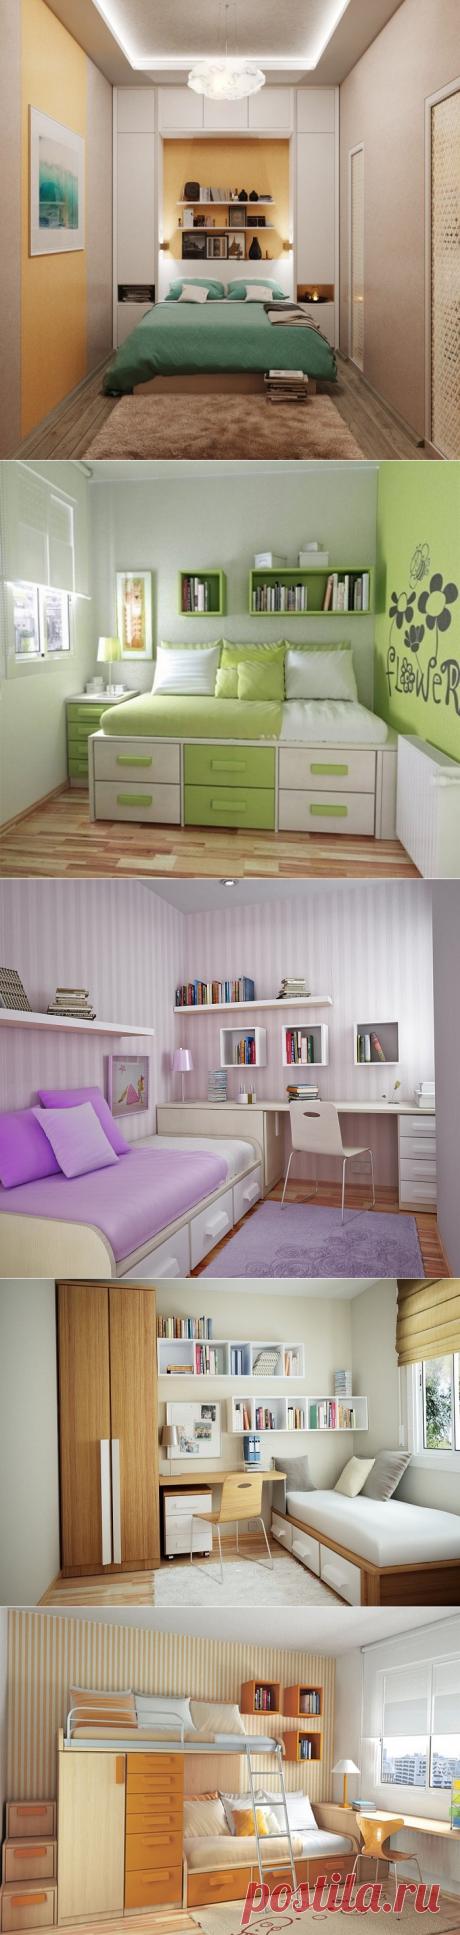 Идеи оформления маленькой спальни, которые придутся по душе всем, кто страдает от недостатка свободного места | Мой дом